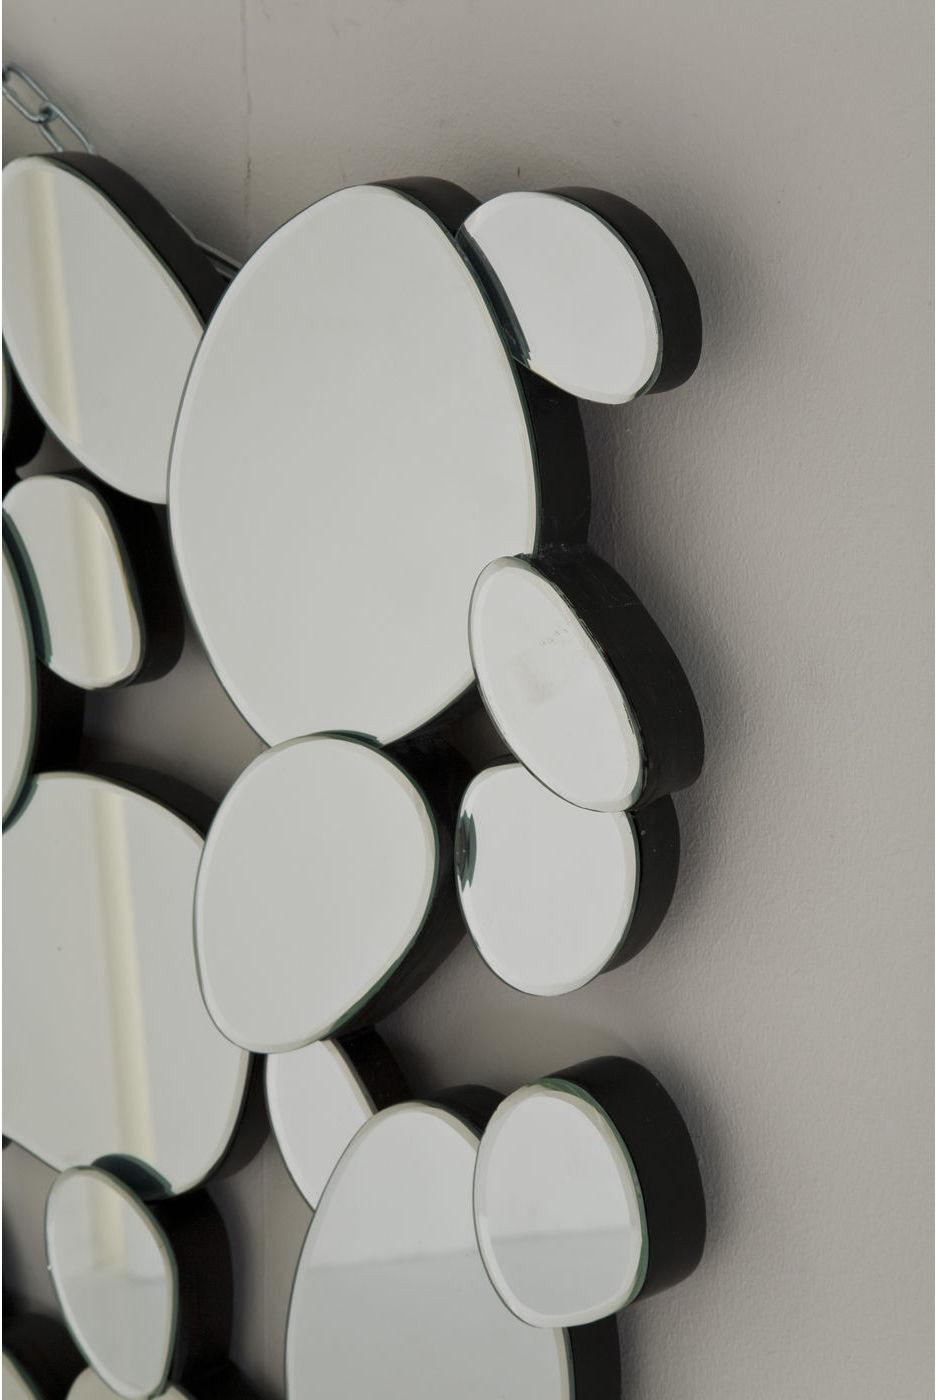 kare design spiegel water drops 150x71cm. Black Bedroom Furniture Sets. Home Design Ideas